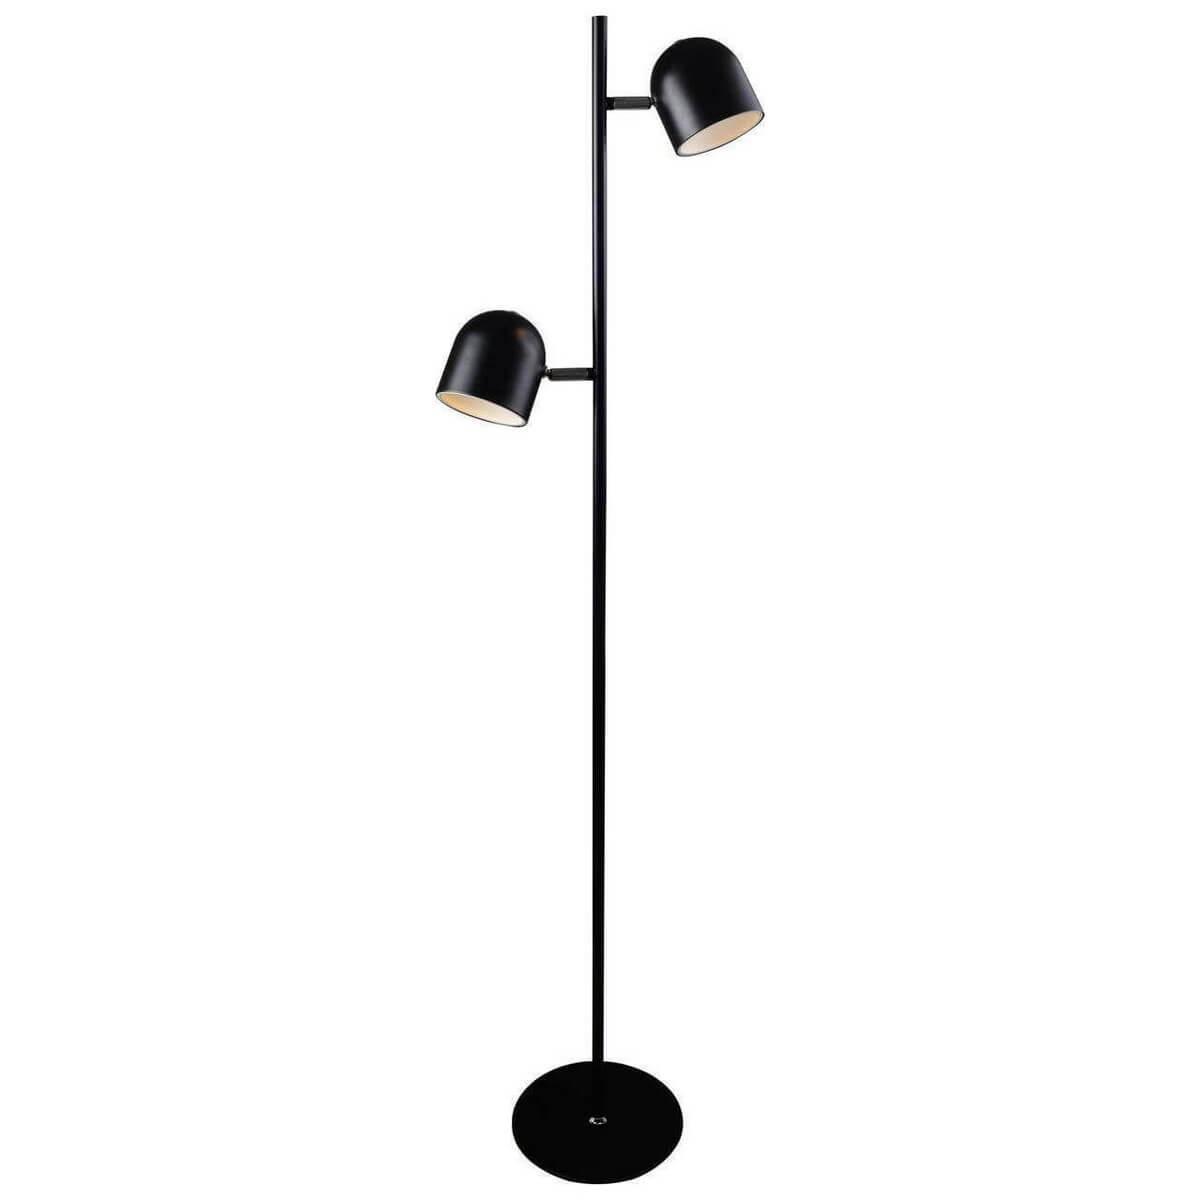 Напольный светильник Lucide 03703/10/30, LED, 5 Вт торшер lucide arjan 34732 03 41